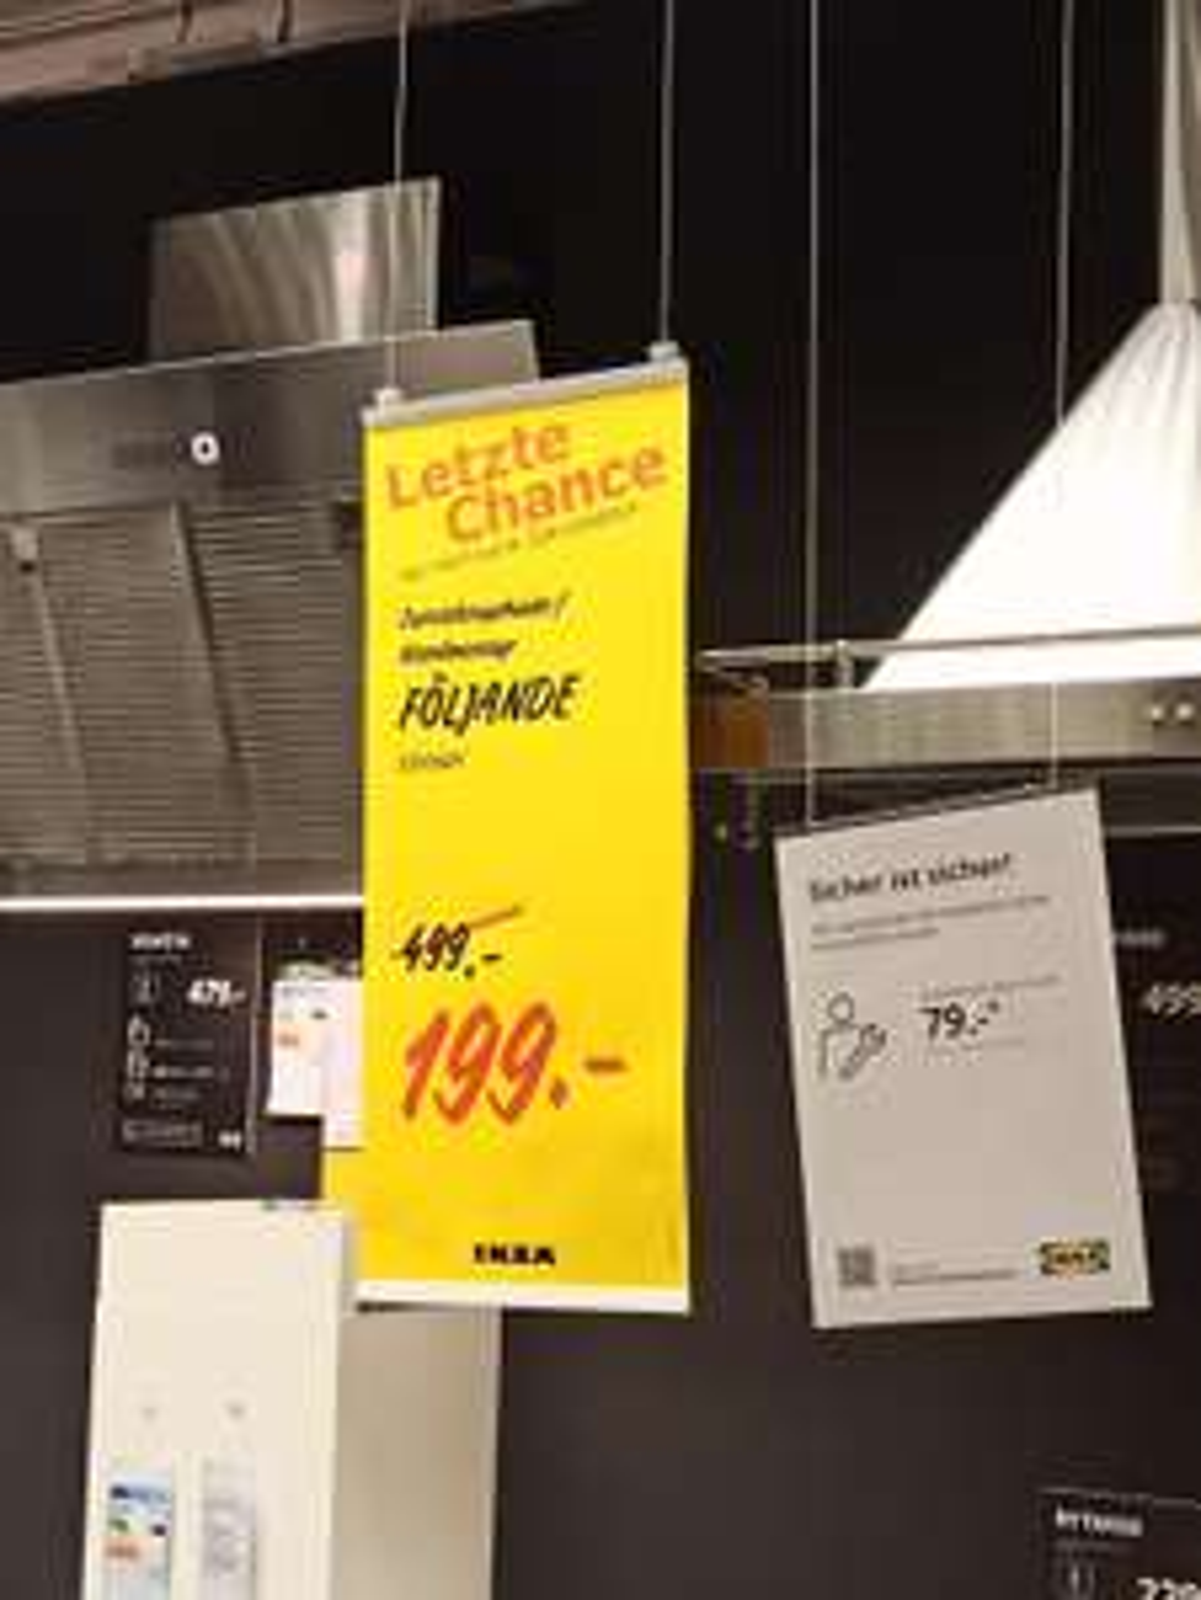 Dunstabzug Ikea FÖLJANDE - Lokal Osnabrück